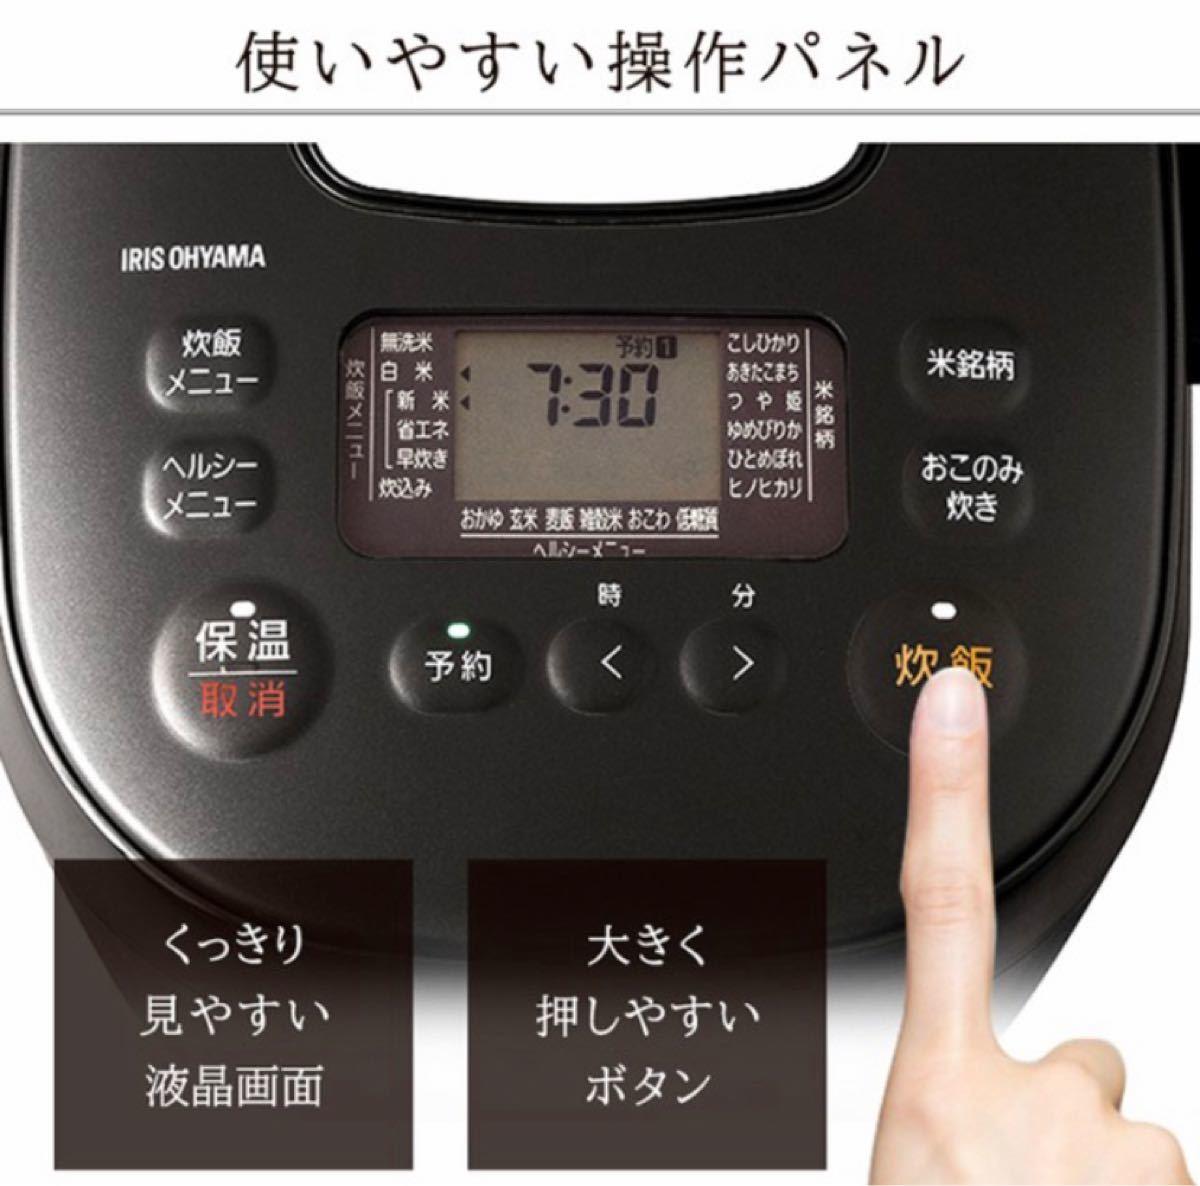 アイリスオーヤマ 5.5合炊き炊飯器 RC-IK50-W ホワイト